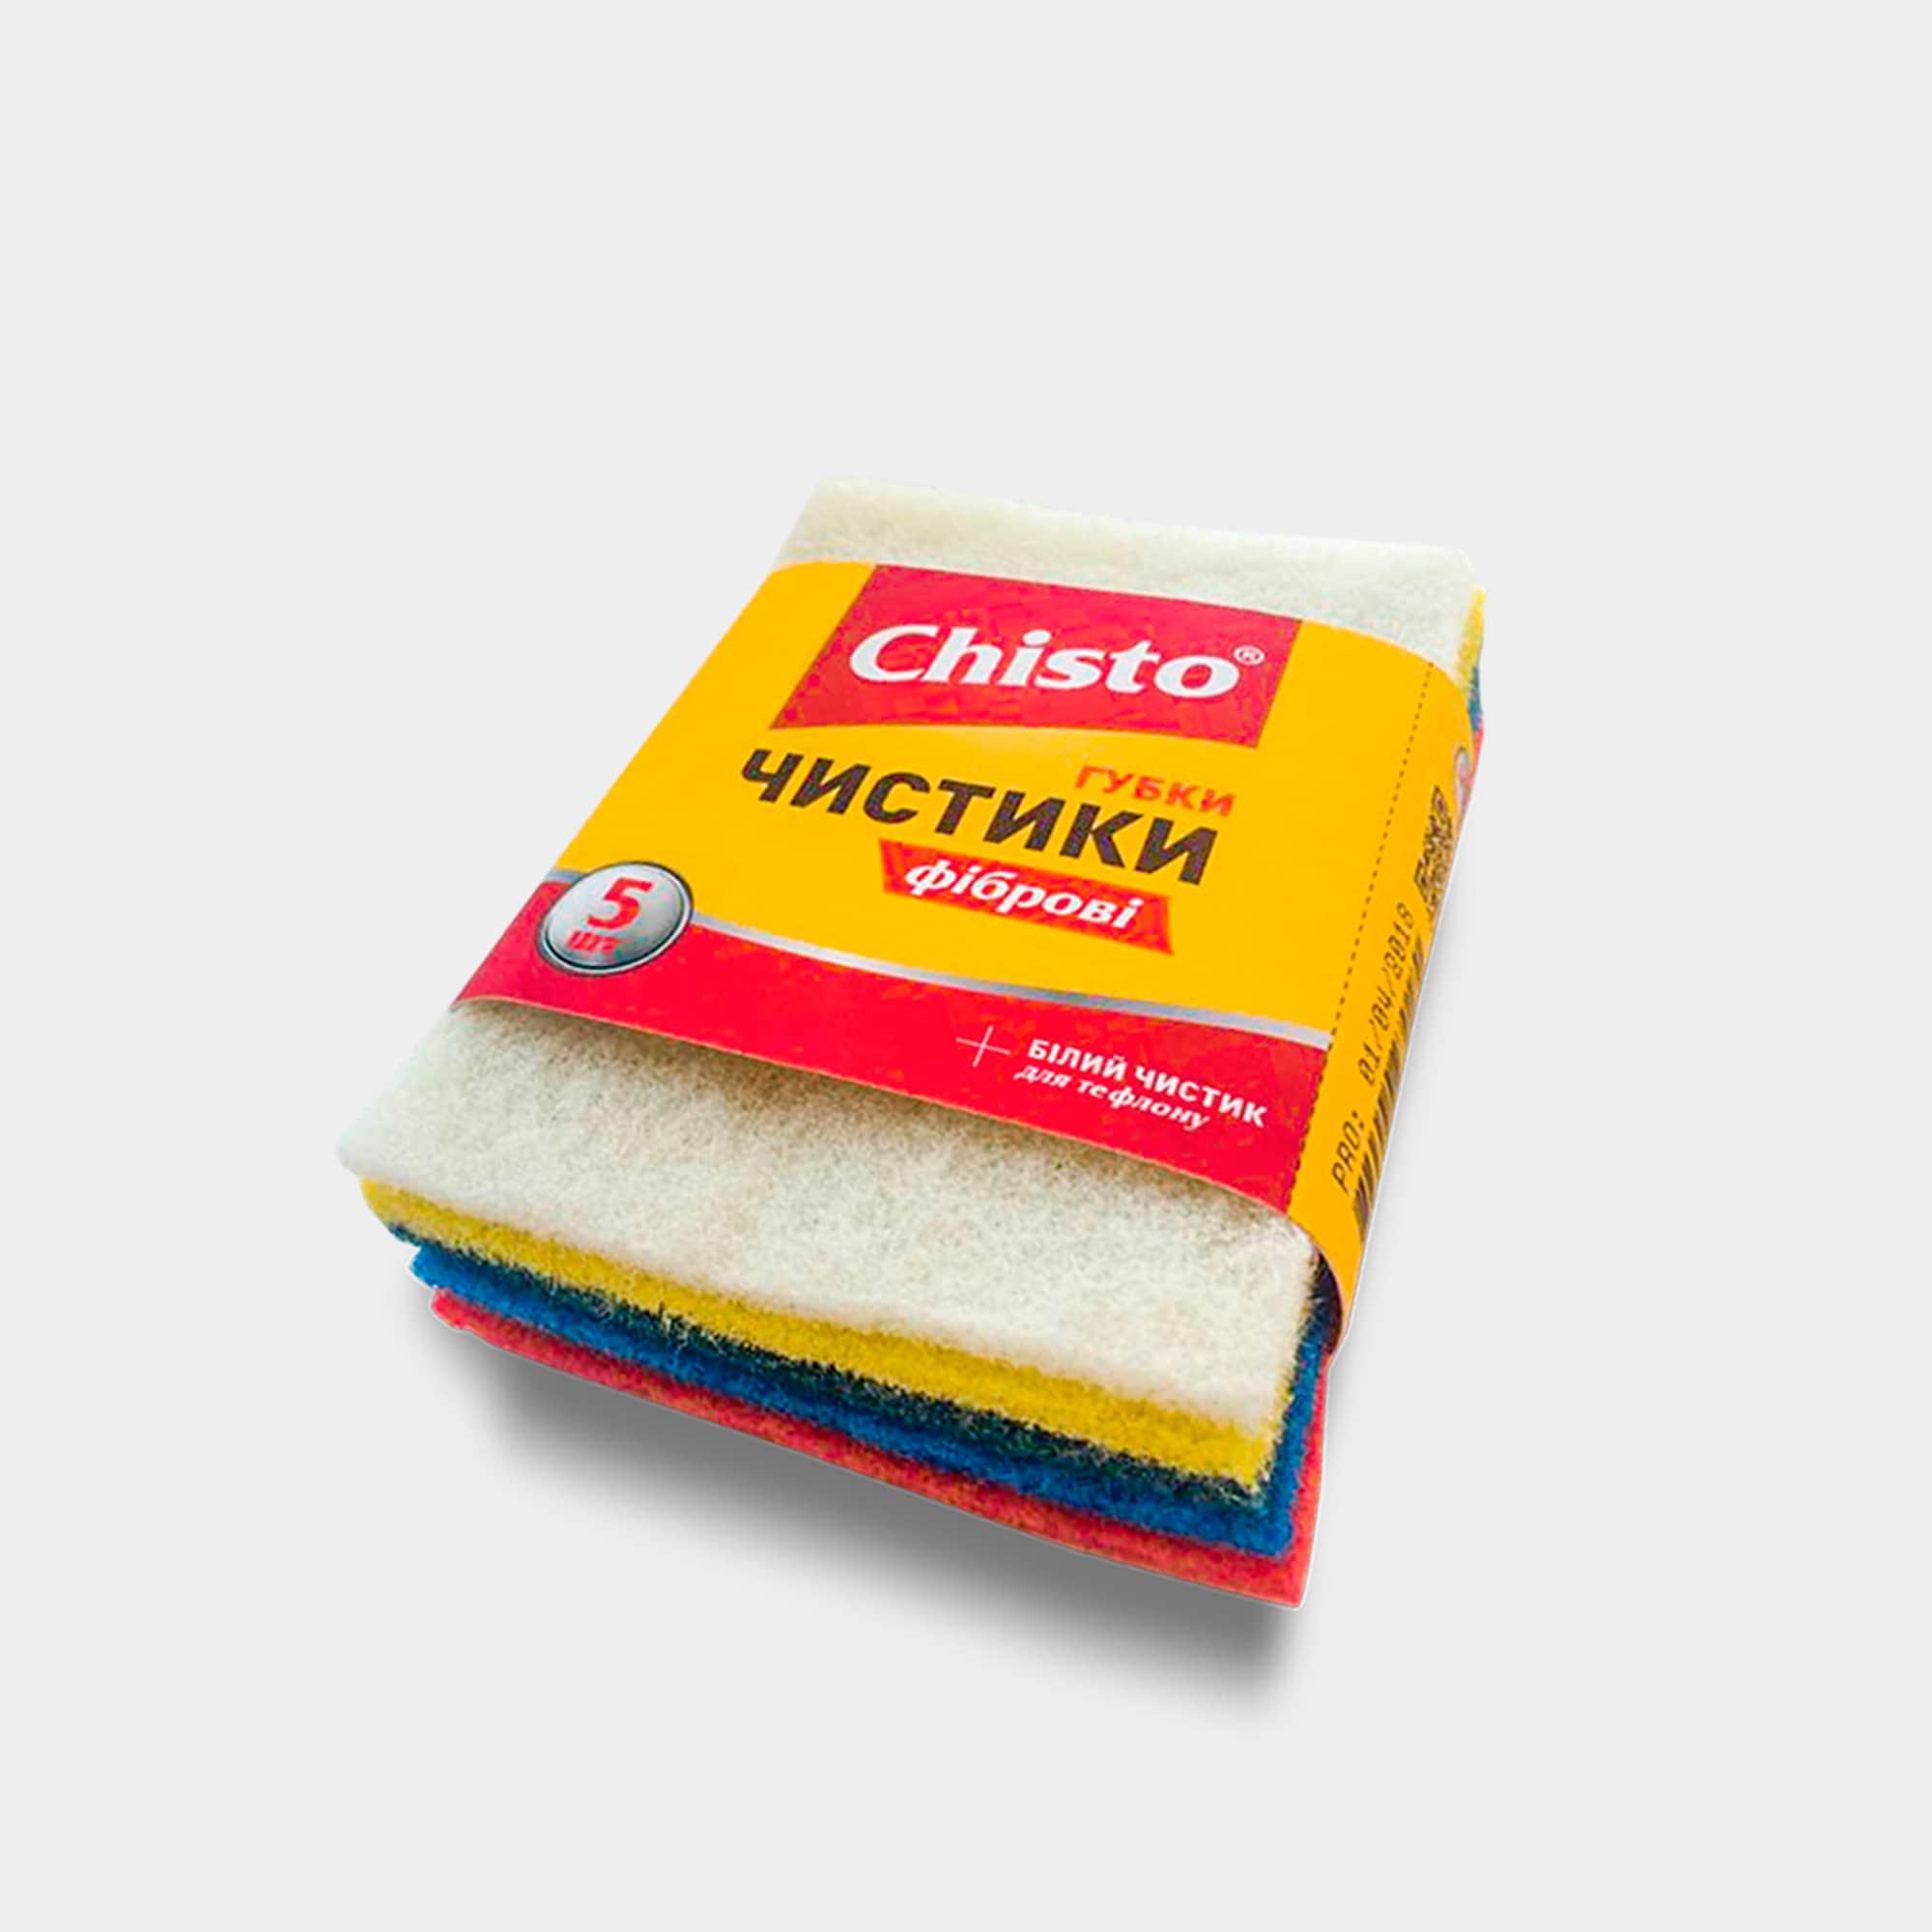 Чистики фіброві ТМ «Chisto», 5 шт.